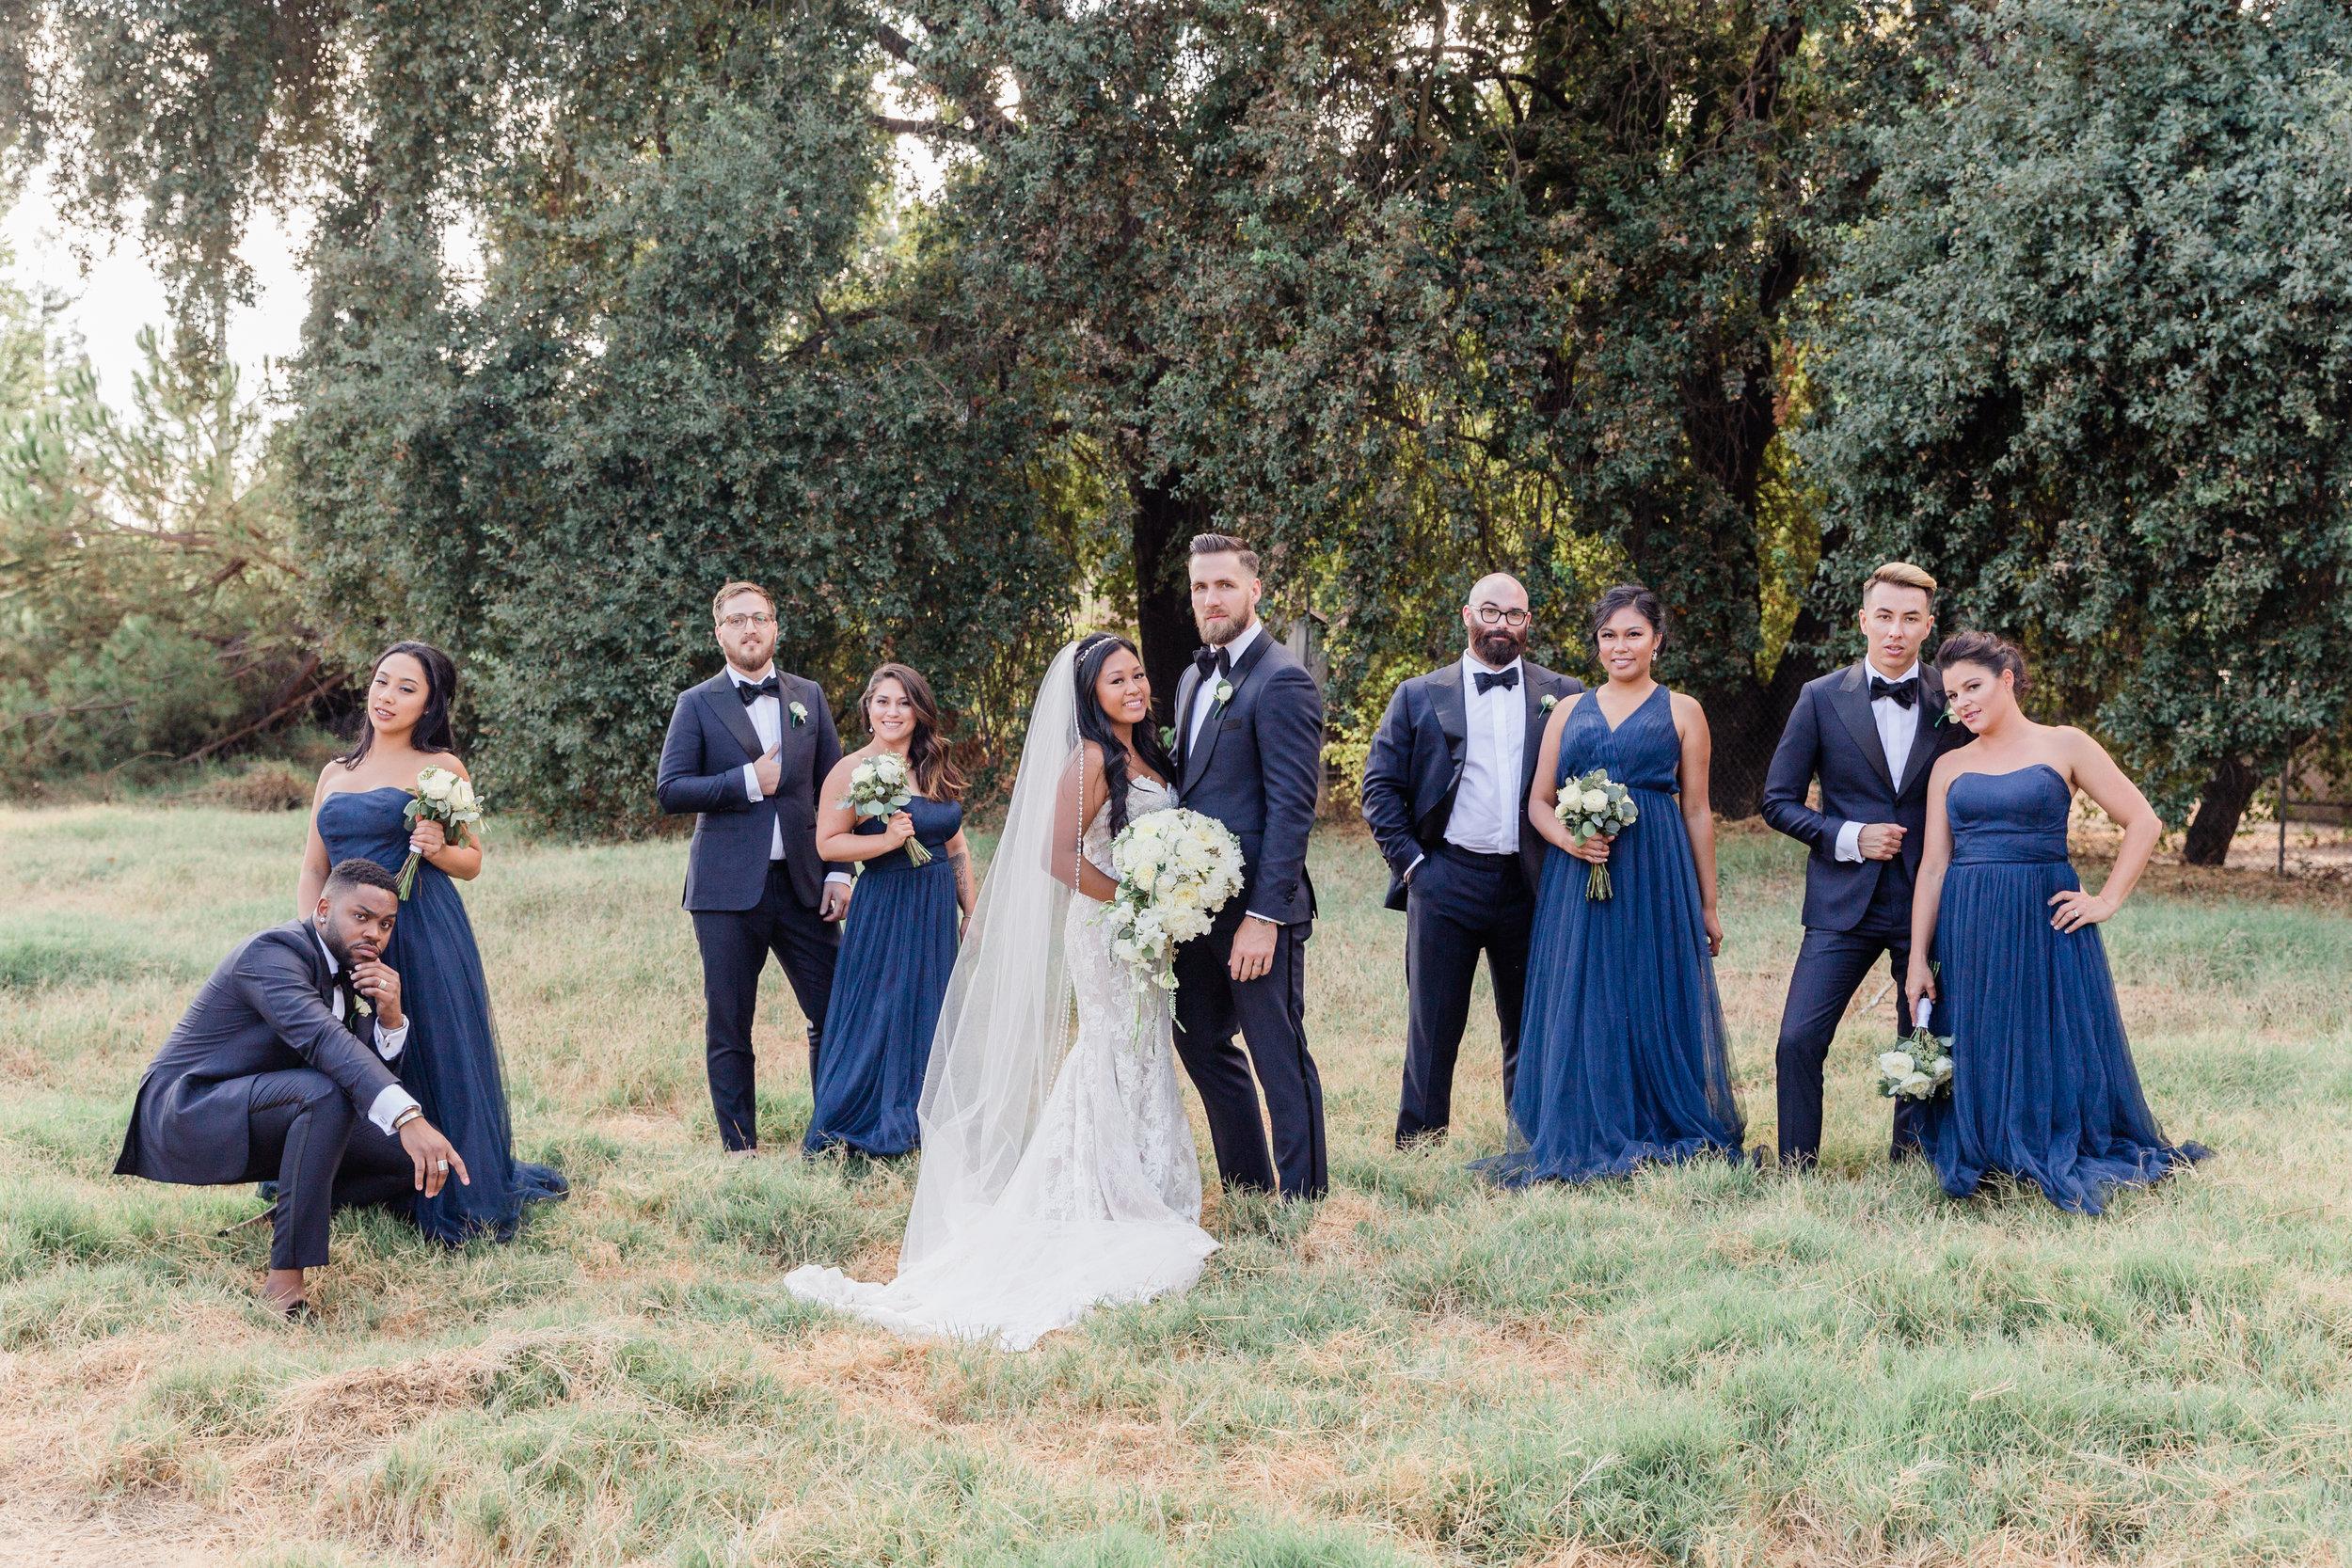 Raedawn and George - Married - Sneak Peeks - Lauren Alisse Photography-31.jpg